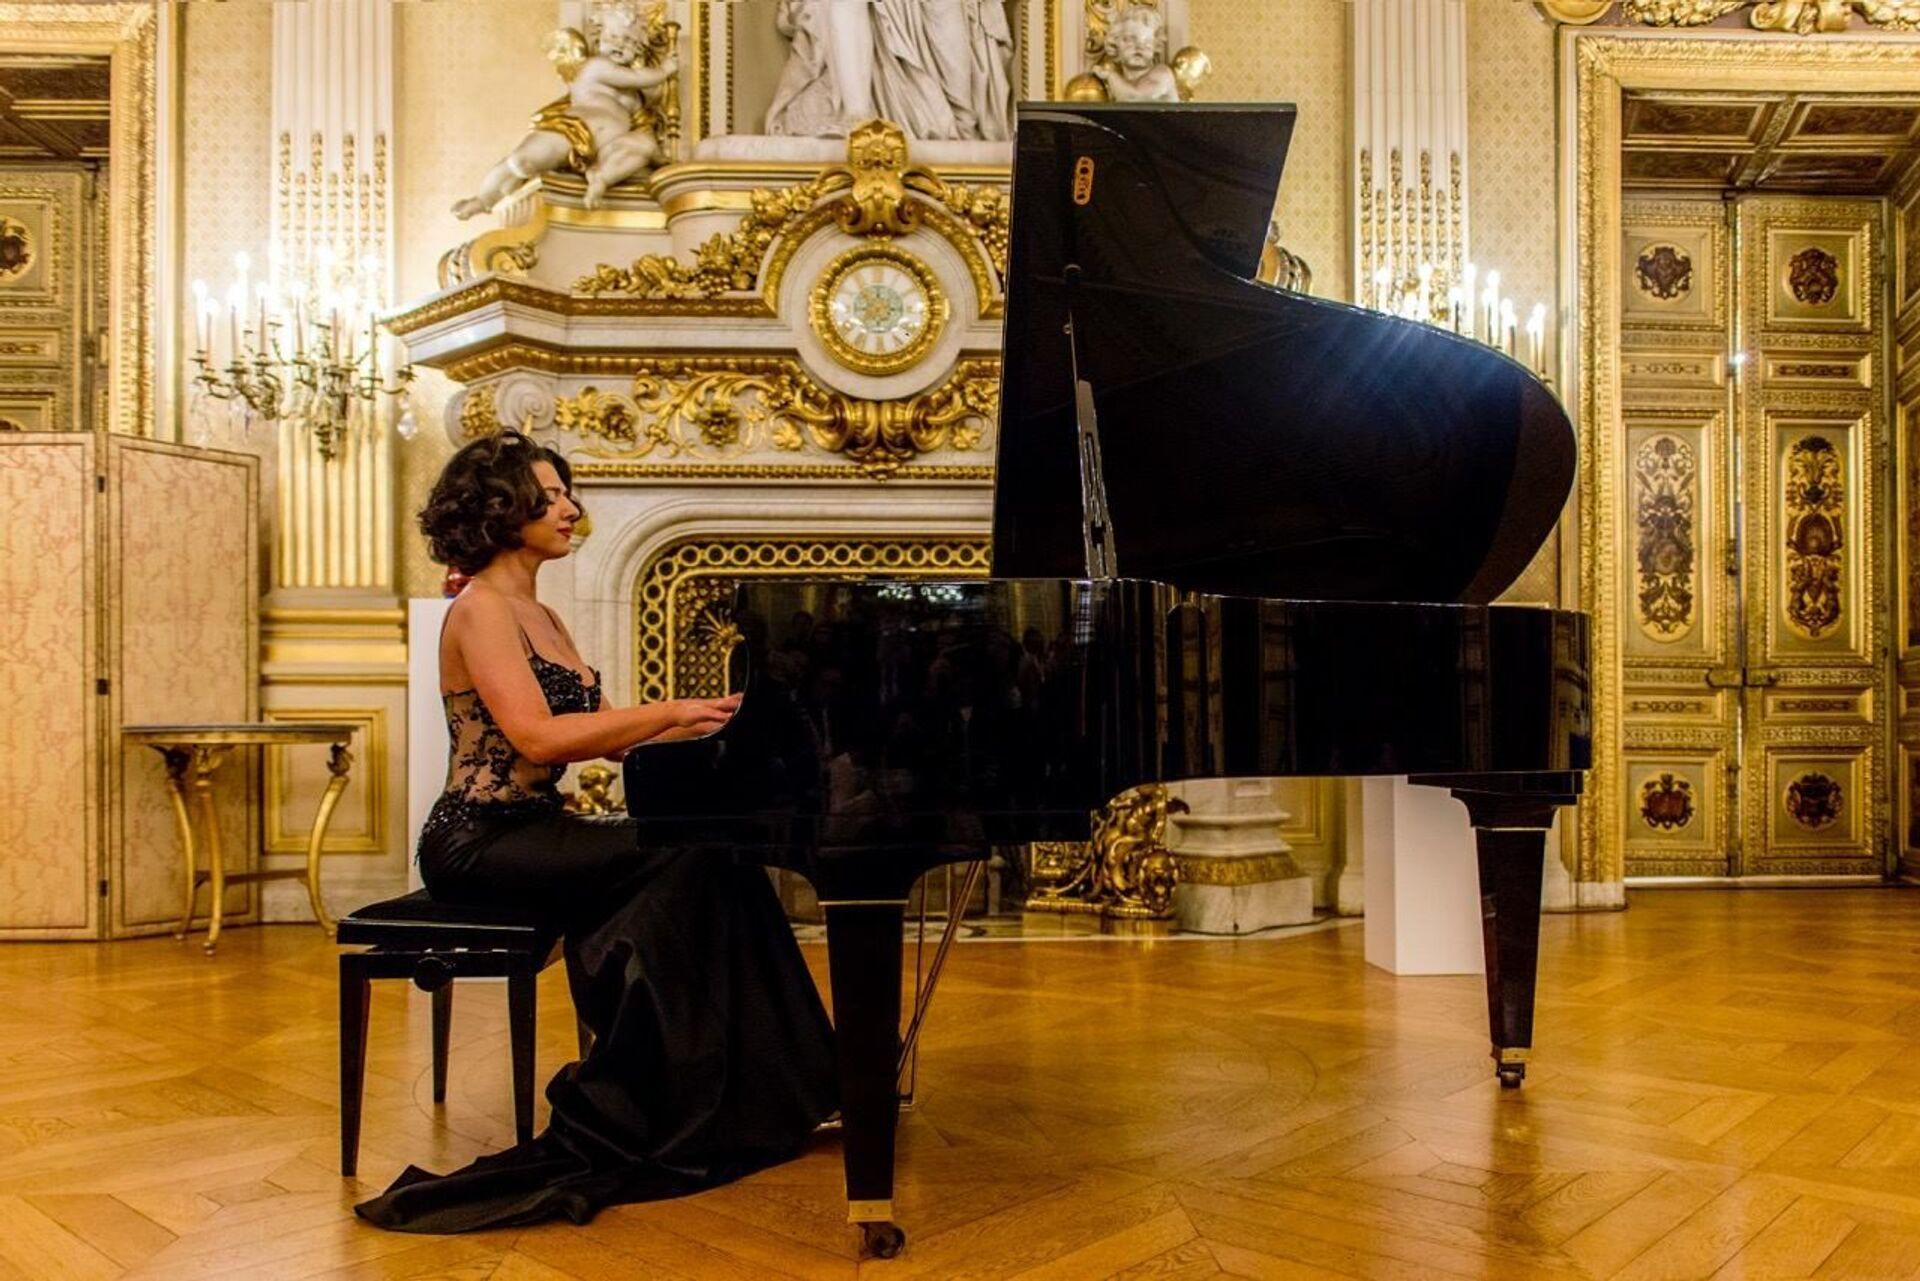 Грузинская пианистка Хатия Буниатишвили   - Sputnik Грузия, 1920, 14.10.2021